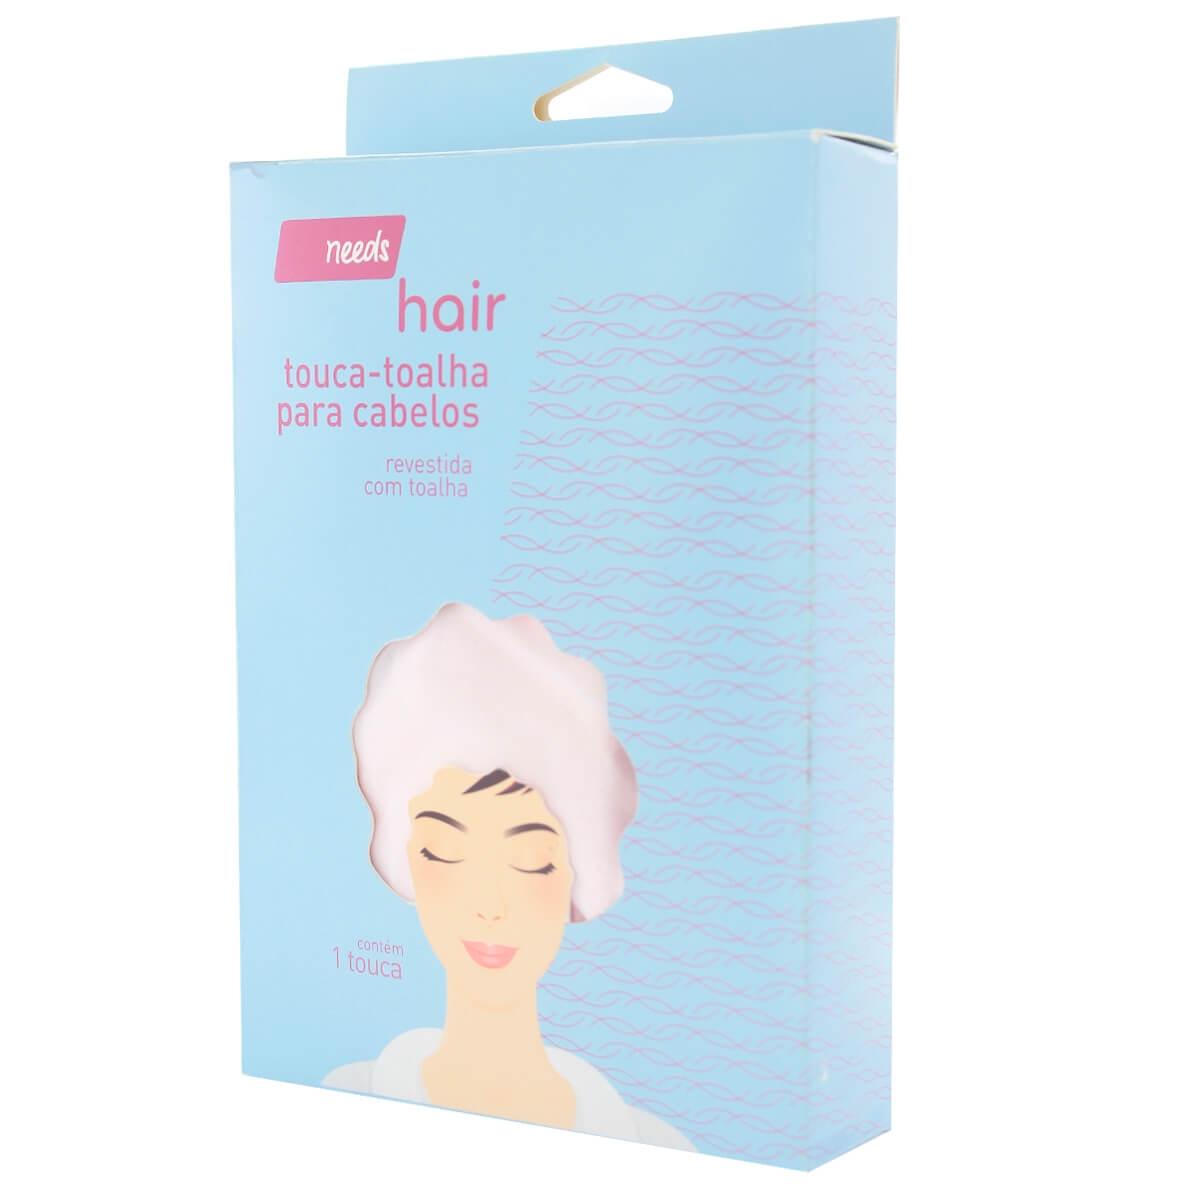 Touca de Cabelo para Banho Needs Rosa Atoalhada com 1 Unidade 1 Unidade